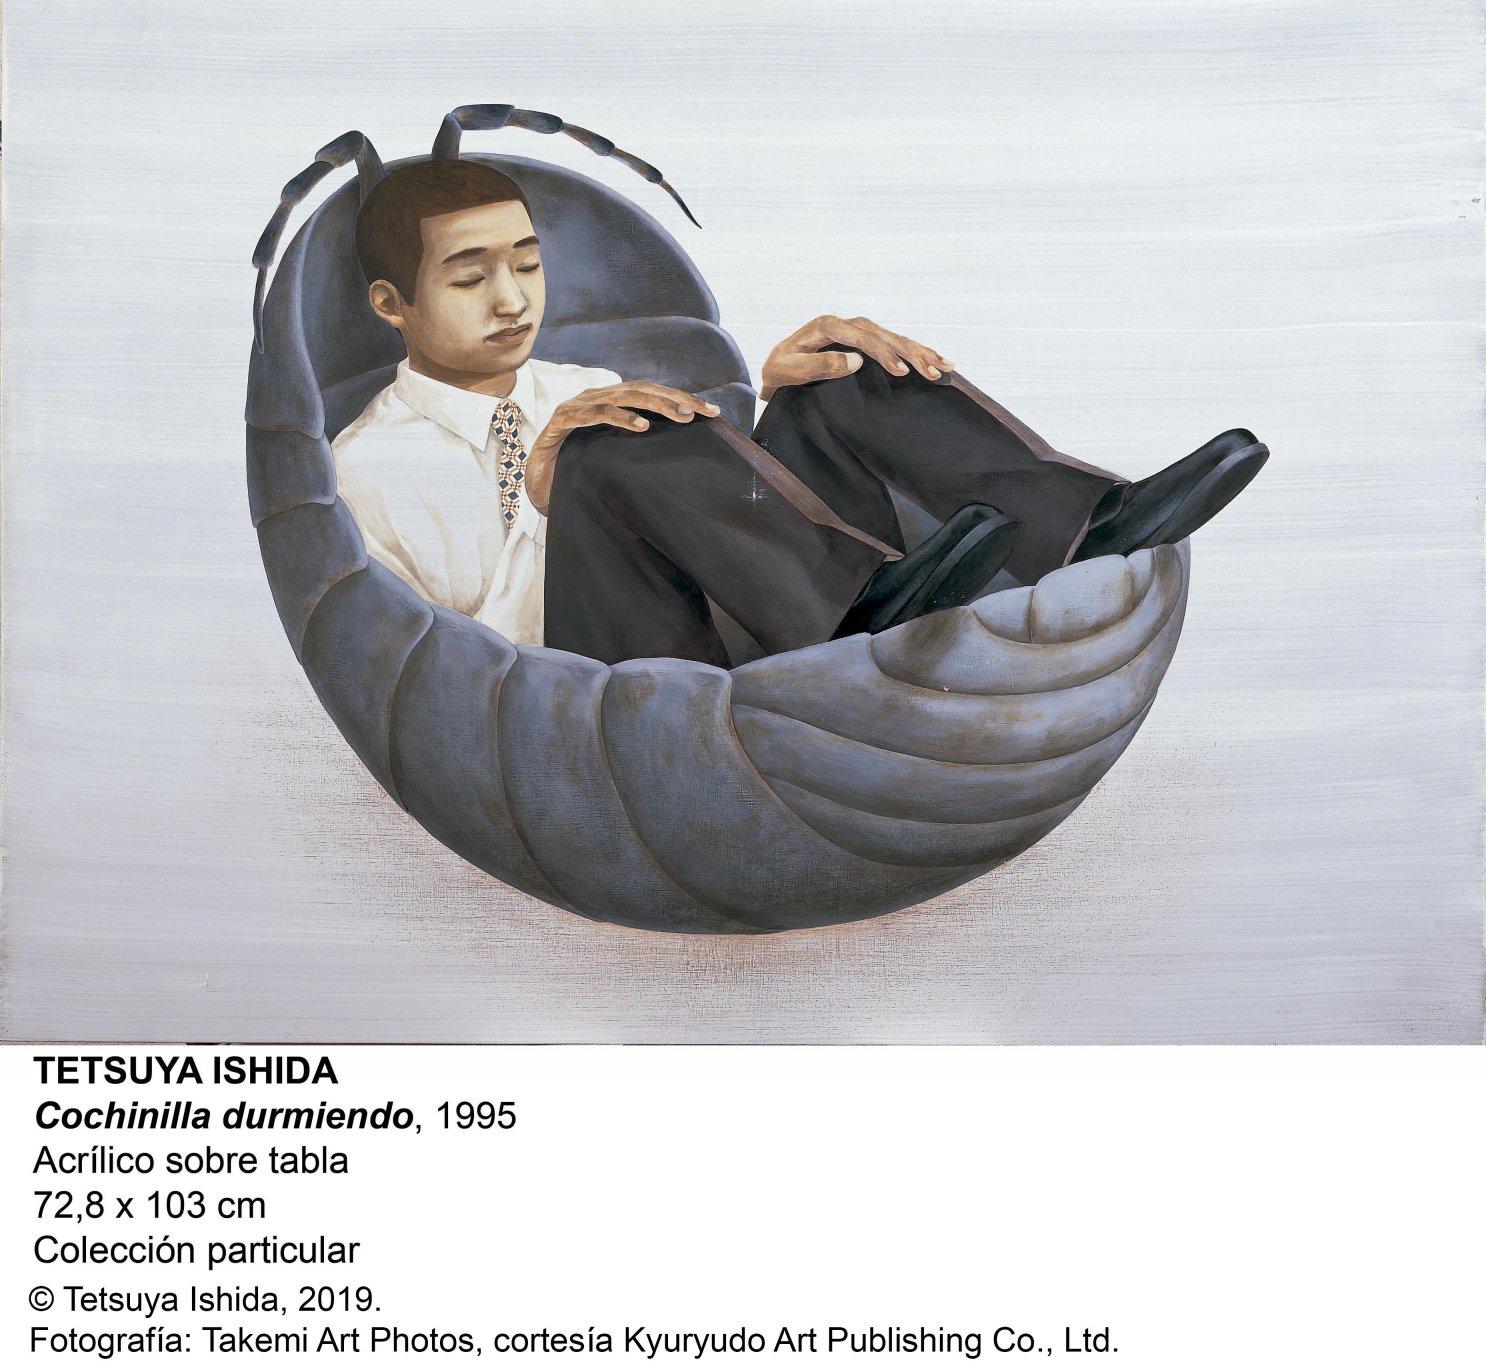 Cochinilla durmiendo (1995) - Tetsuya Ishida